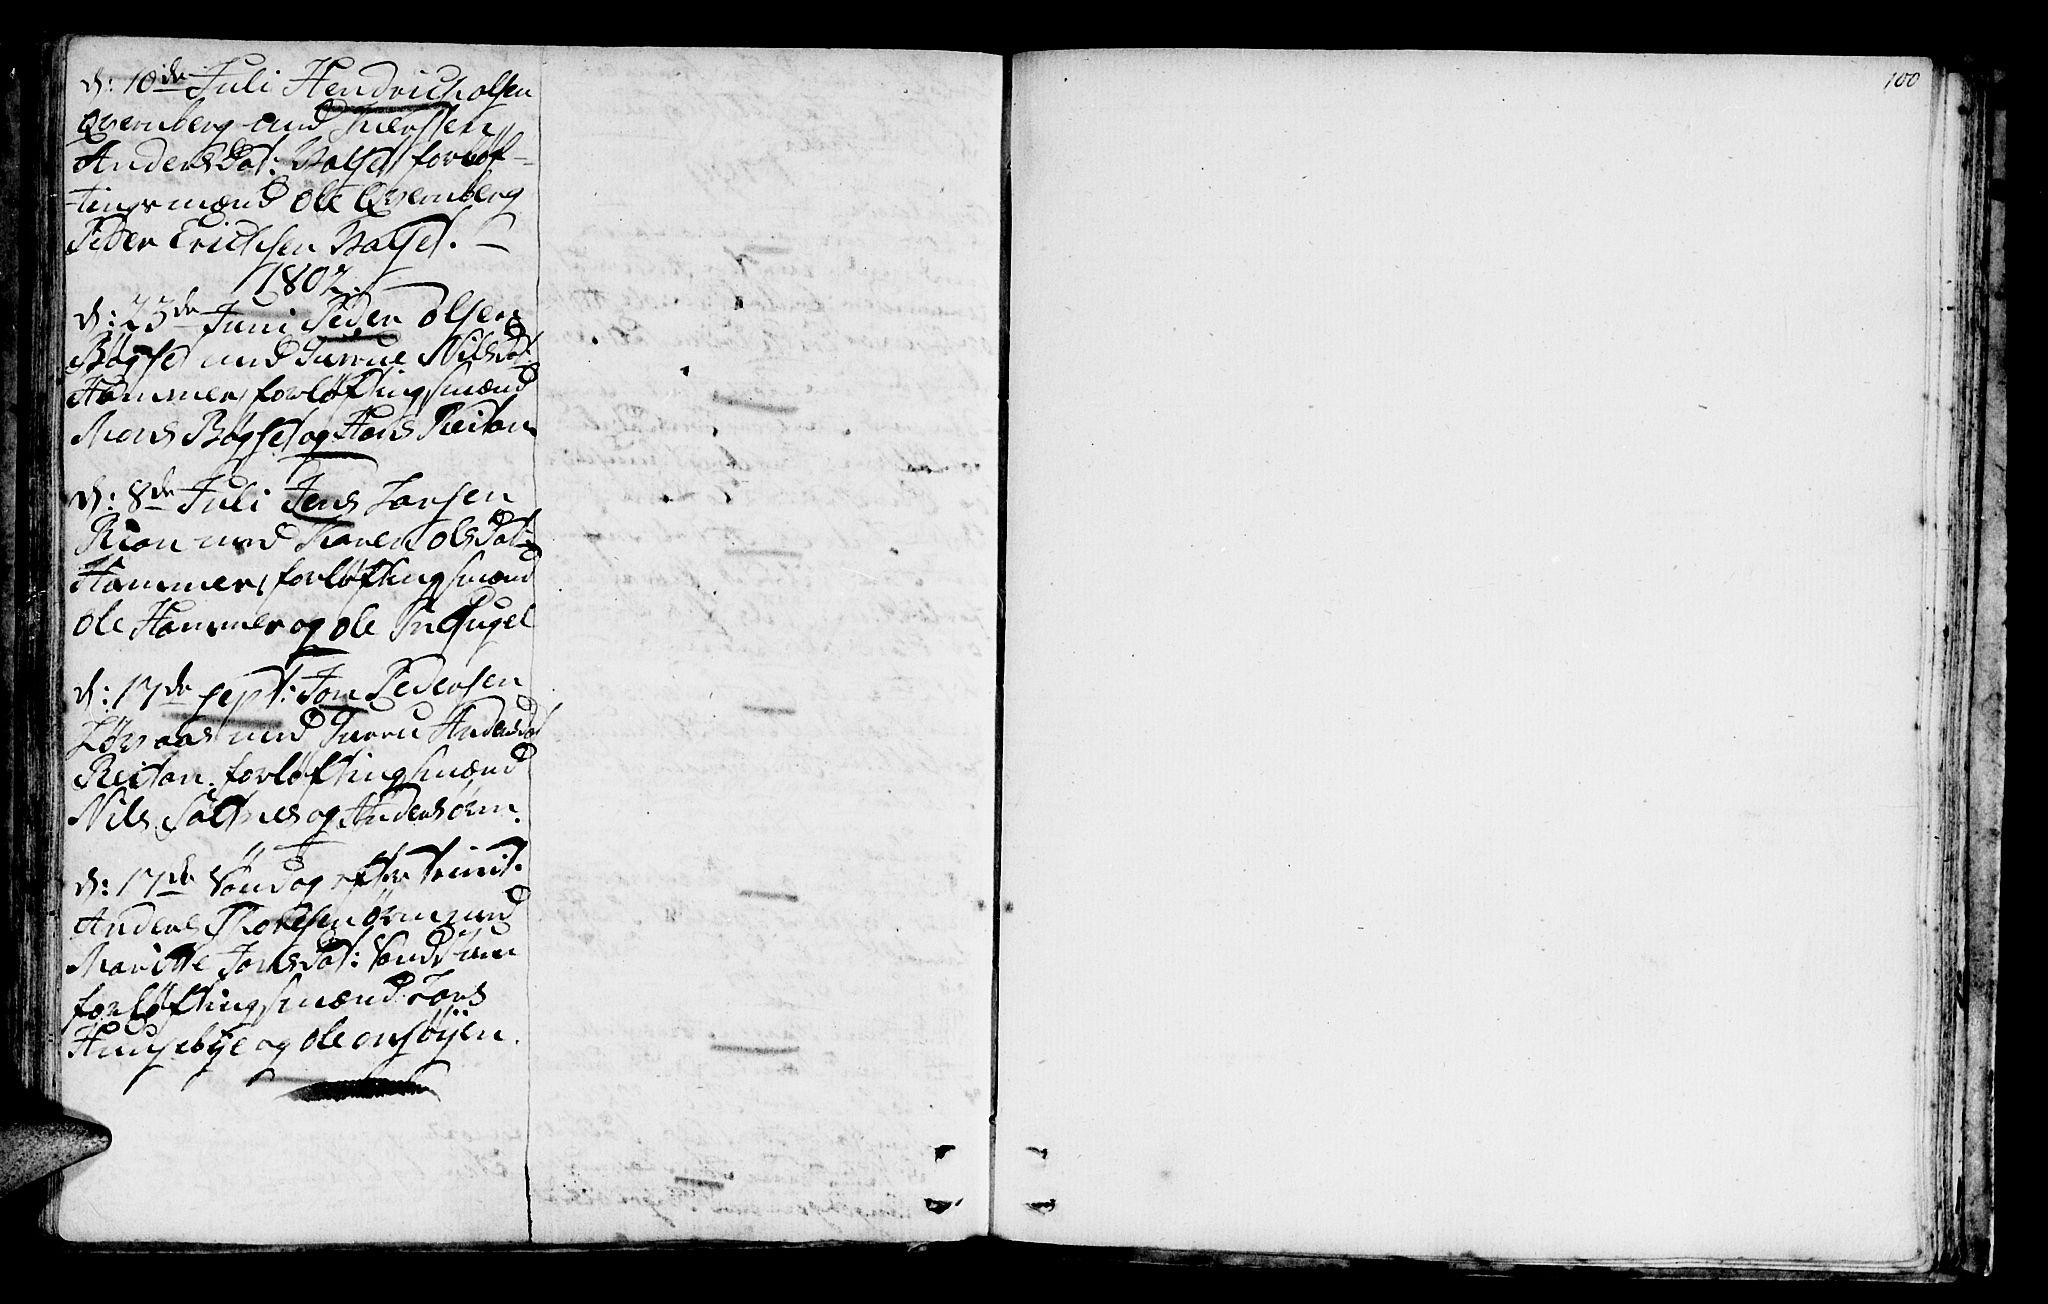 SAT, Ministerialprotokoller, klokkerbøker og fødselsregistre - Sør-Trøndelag, 666/L0784: Ministerialbok nr. 666A02, 1754-1802, s. 100